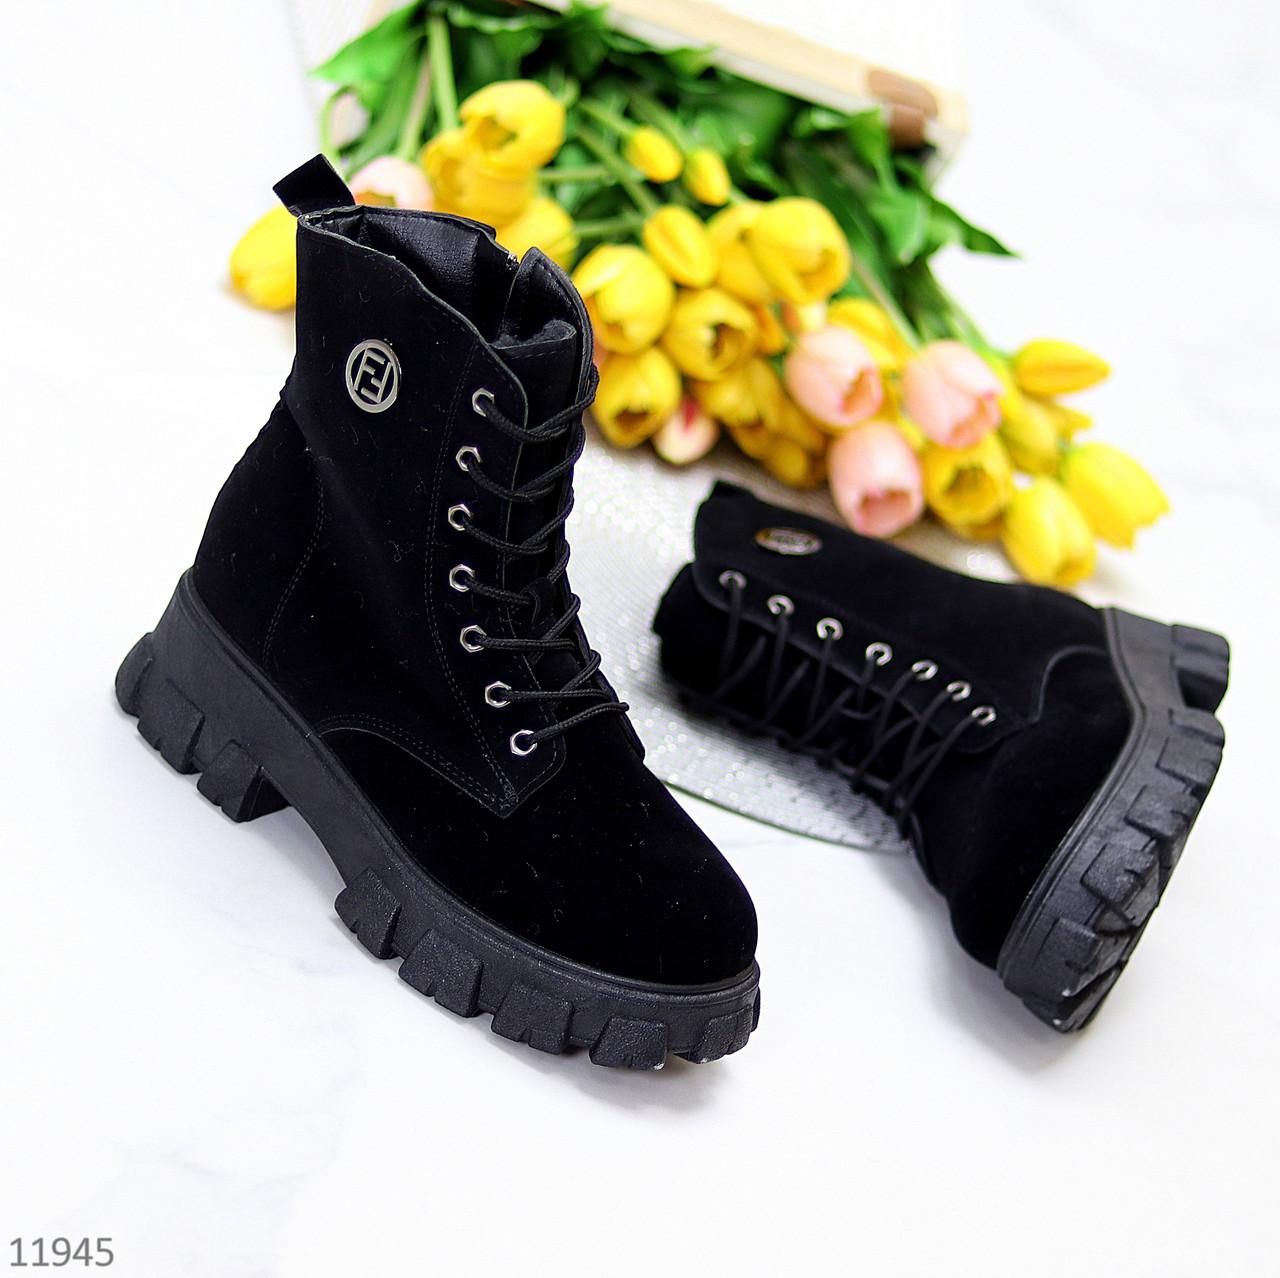 Повседневные черные замшевые женские зимние ботинки молния + шнуровка